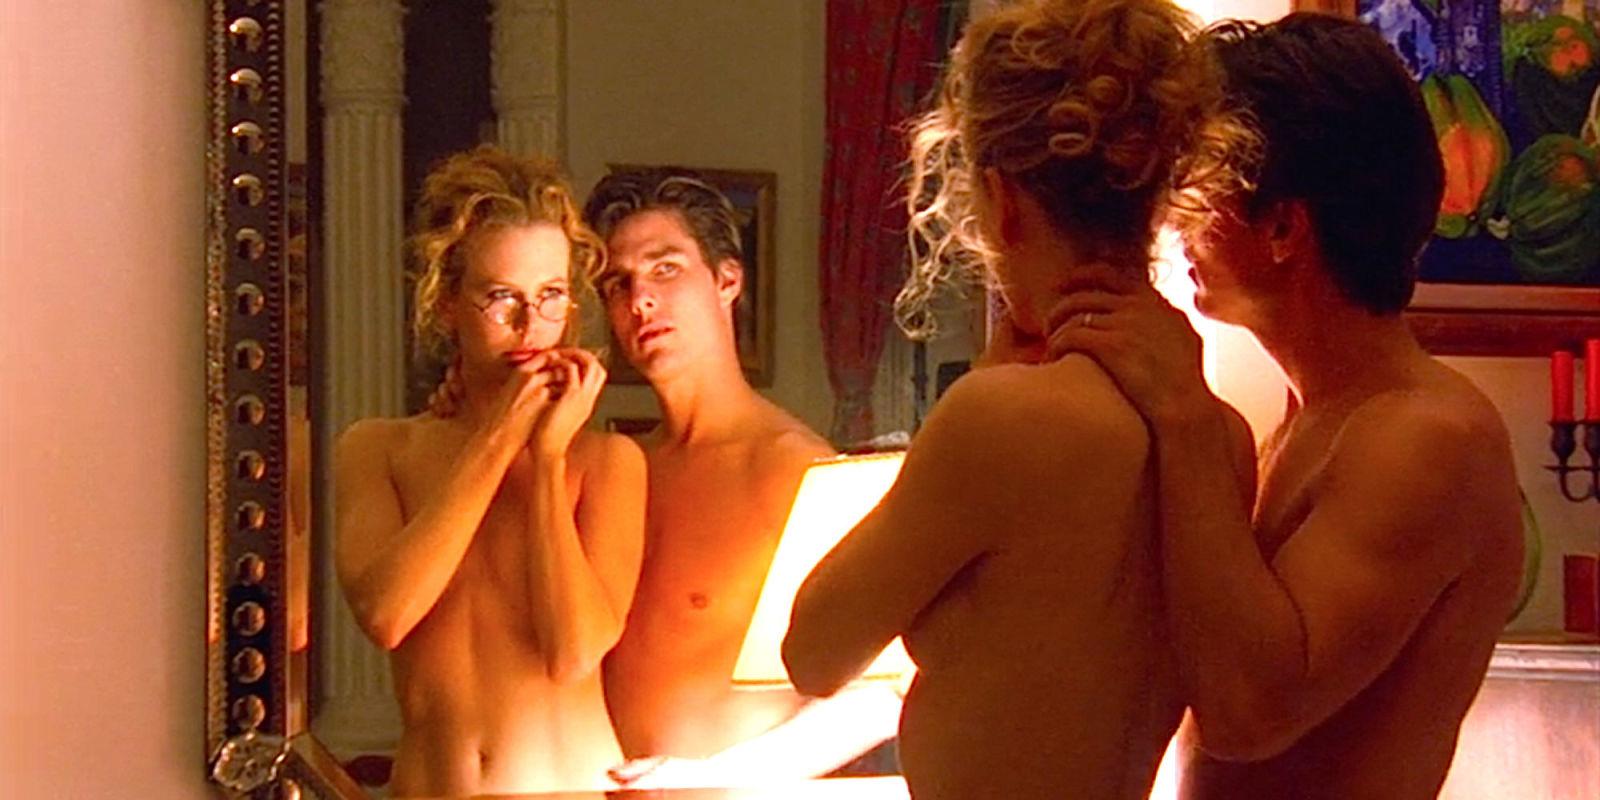 Da se probude strasti i vatre pod čaršafima: Filmovi koji će vam učiniti Dan zaljubljenih lepšim (VIDEO)